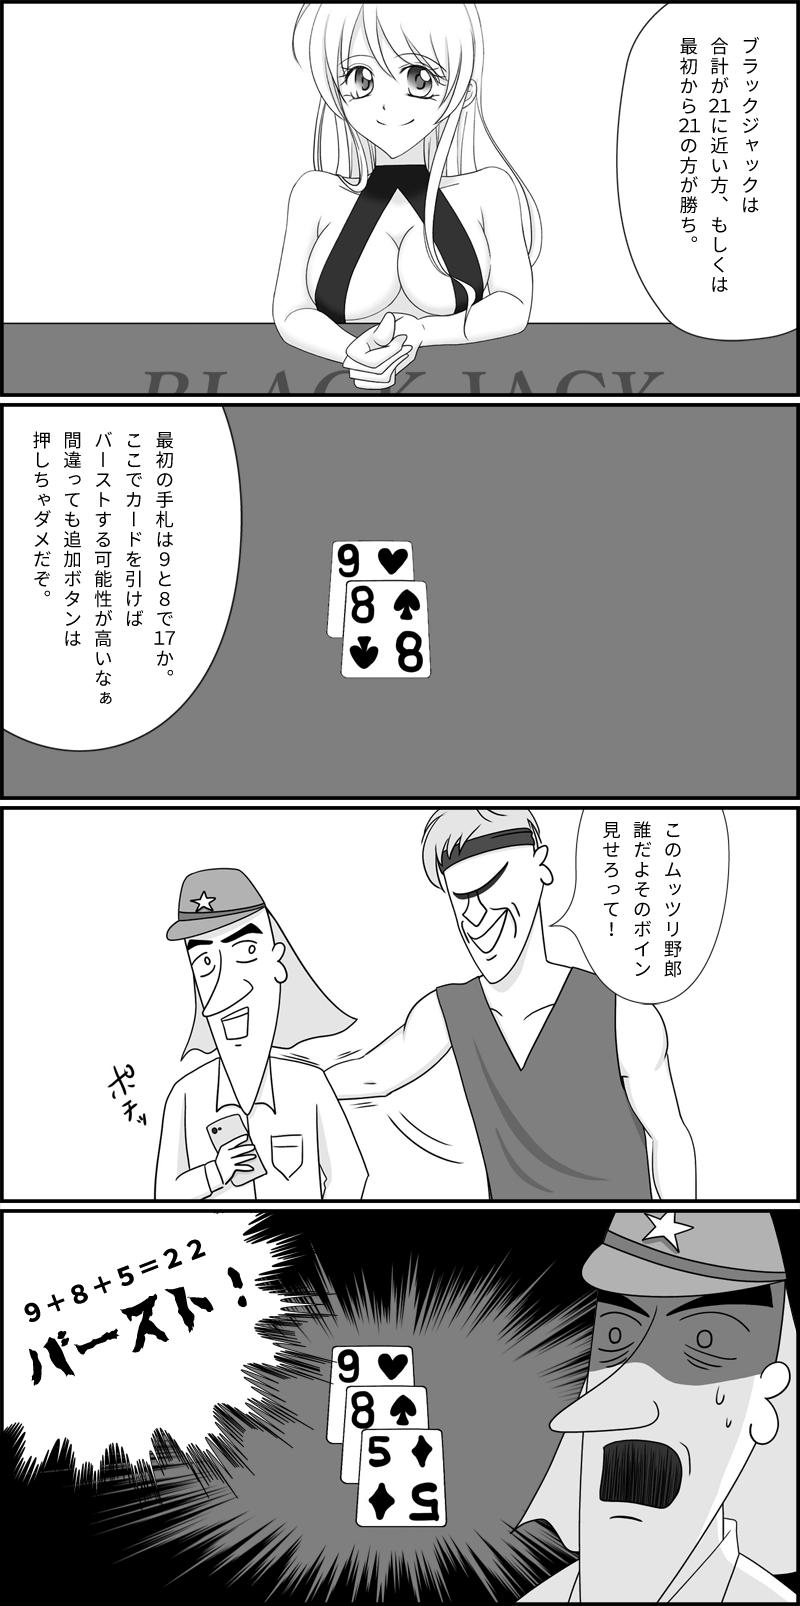 ブラックジャックの解説マンガ